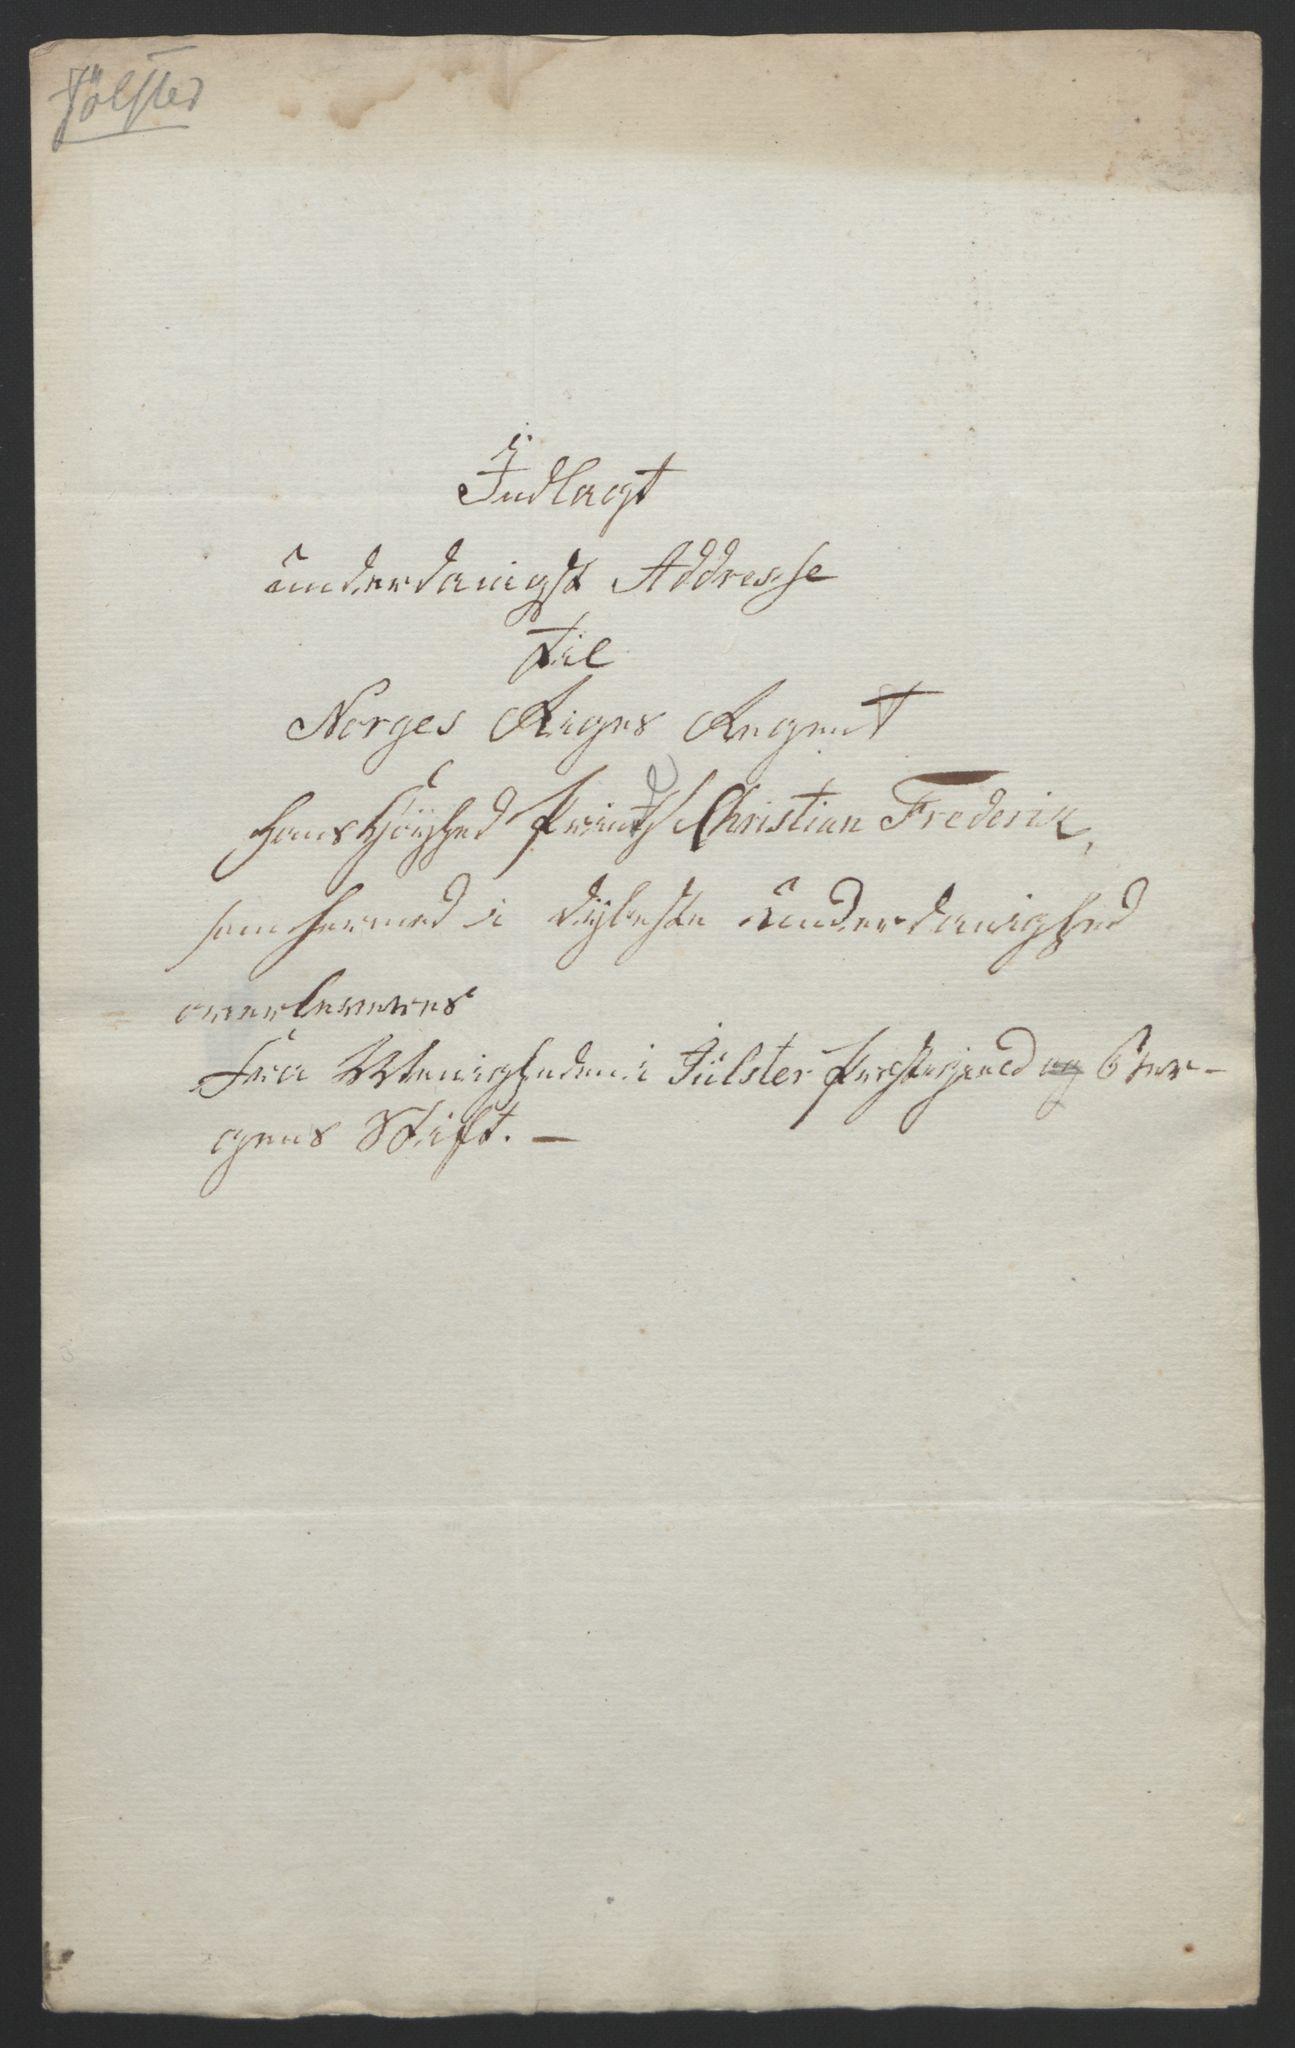 RA, Statsrådssekretariatet, D/Db/L0008: Fullmakter for Eidsvollsrepresentantene i 1814. , 1814, s. 330